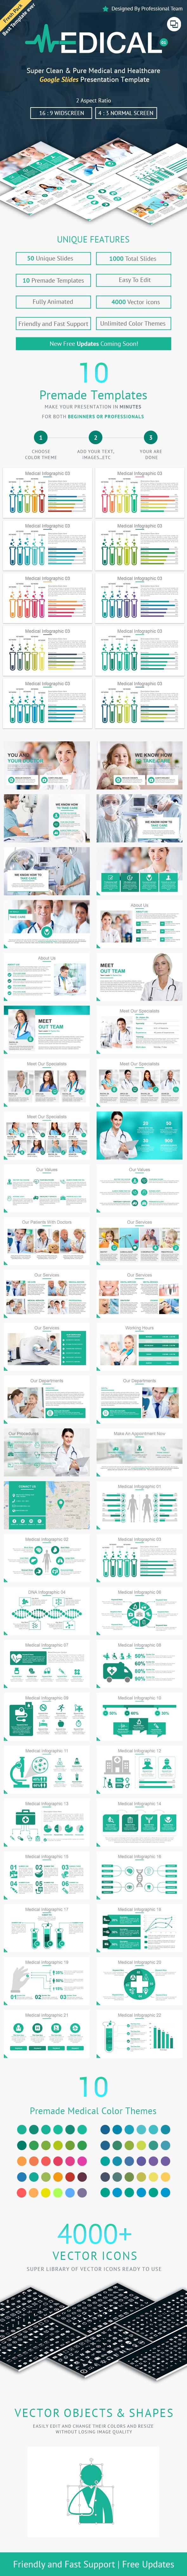 Medical and Healthcare Google Slides Presentation Template - Google Slides Presentation Templates